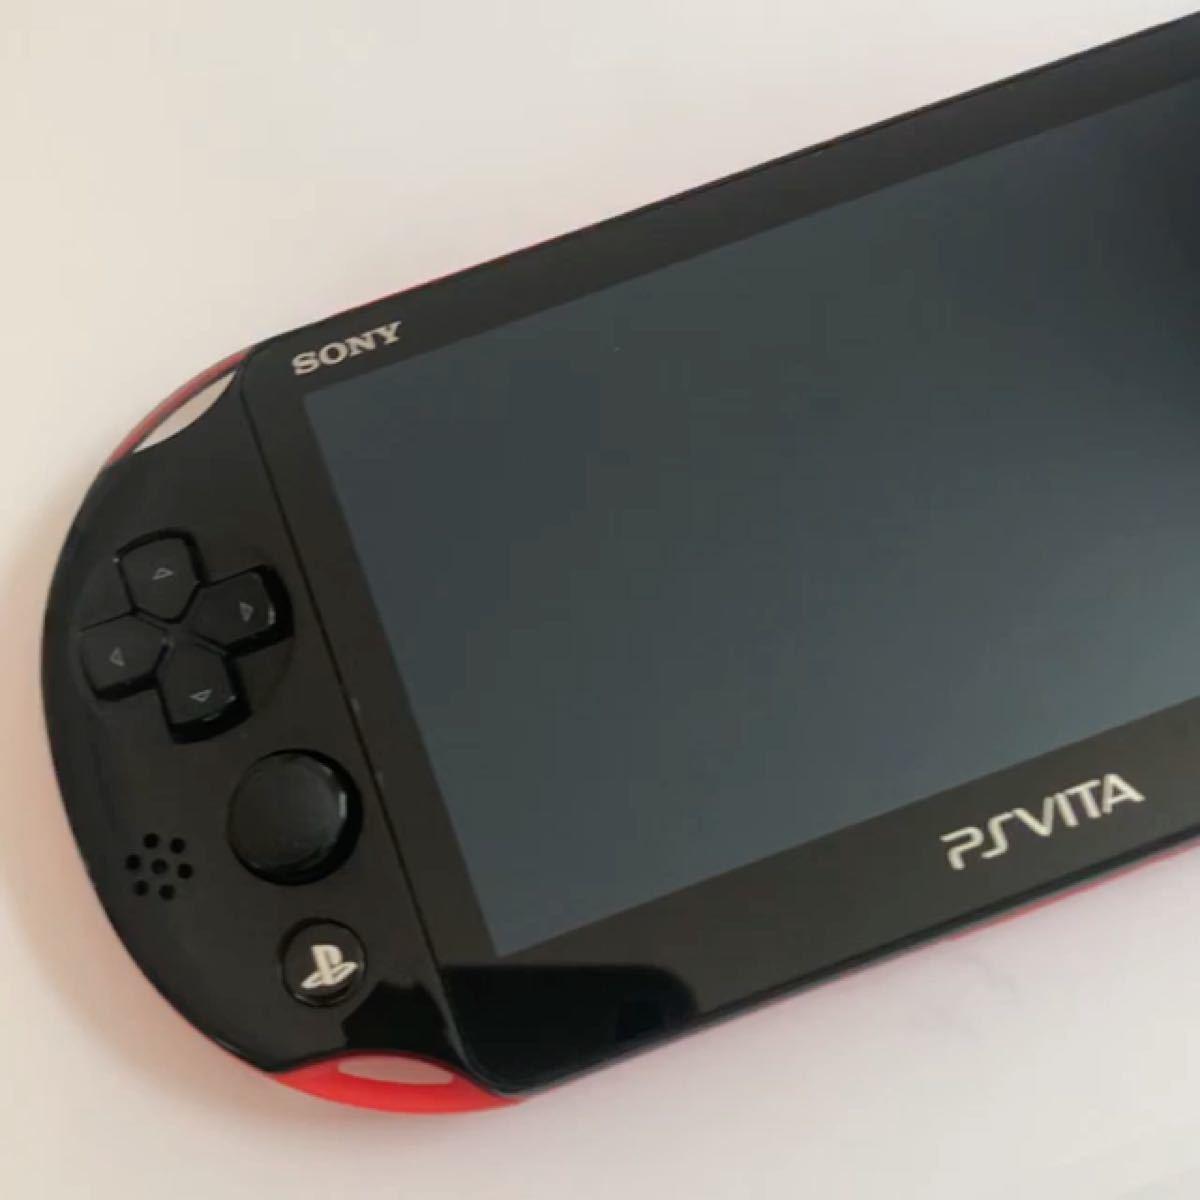 PSVITA PCH-2000 レッド/ブラック 本体 液晶画面保護フィルム貼付済